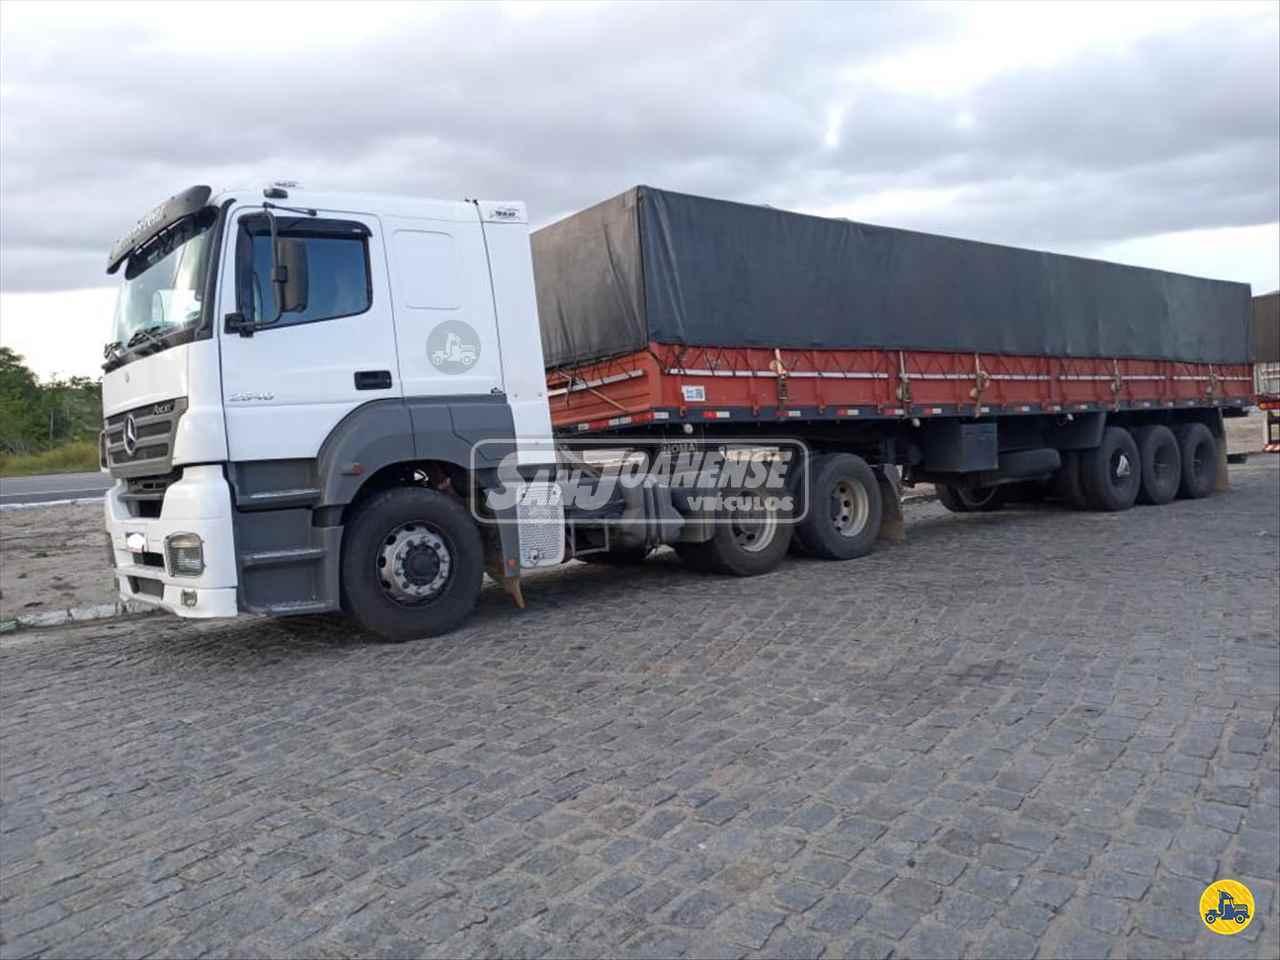 CAMINHAO MERCEDES-BENZ MB 2540 Cavalo Mecânico Truck 6x2 Sanjoanense Veículos SAO JOAO DA BOA VISTA SÃO PAULO SP